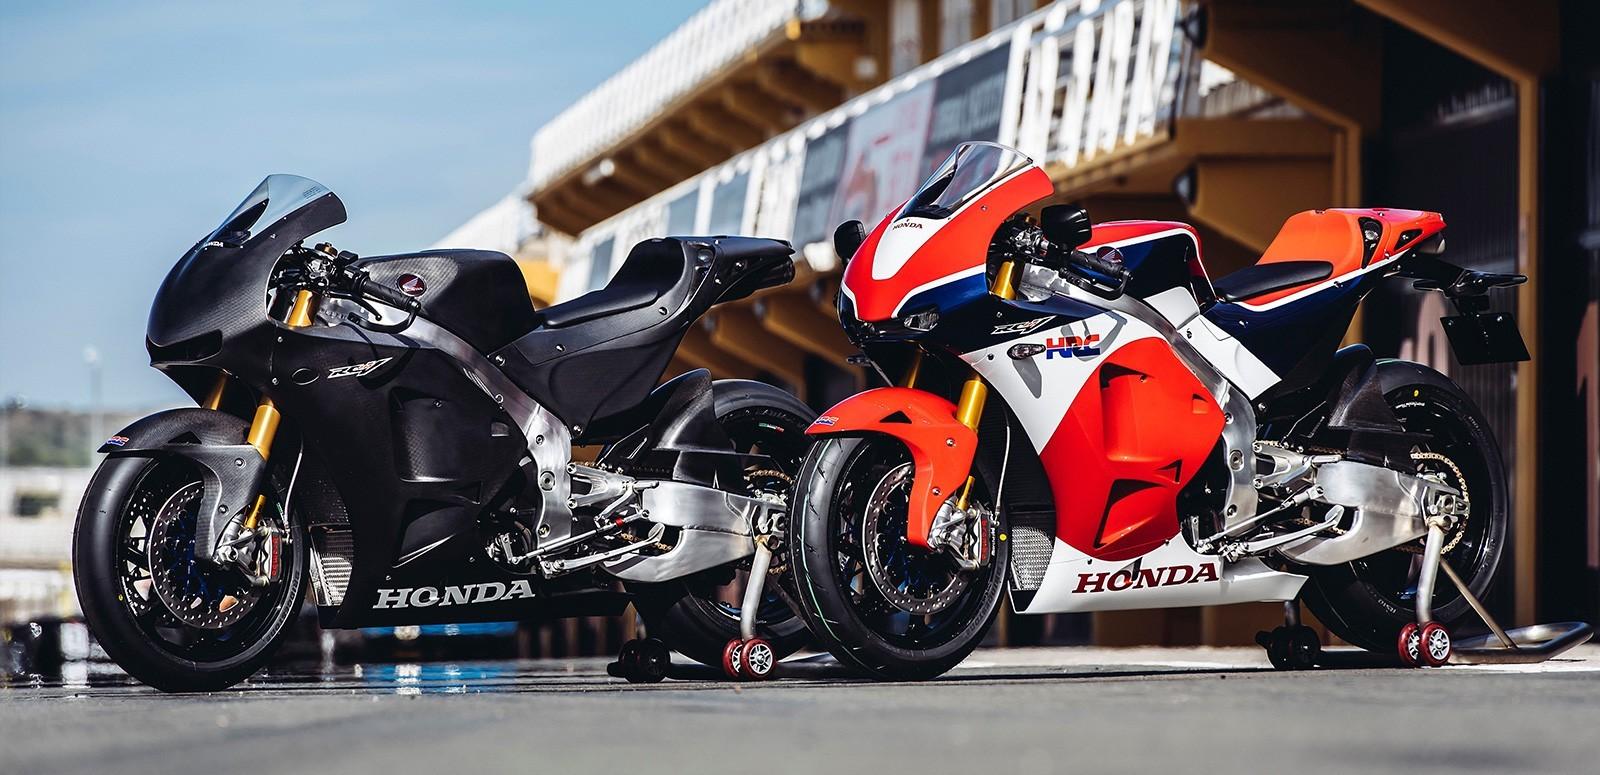 Las motos más caras y exclusivas del mercado en España - Masmoto.es